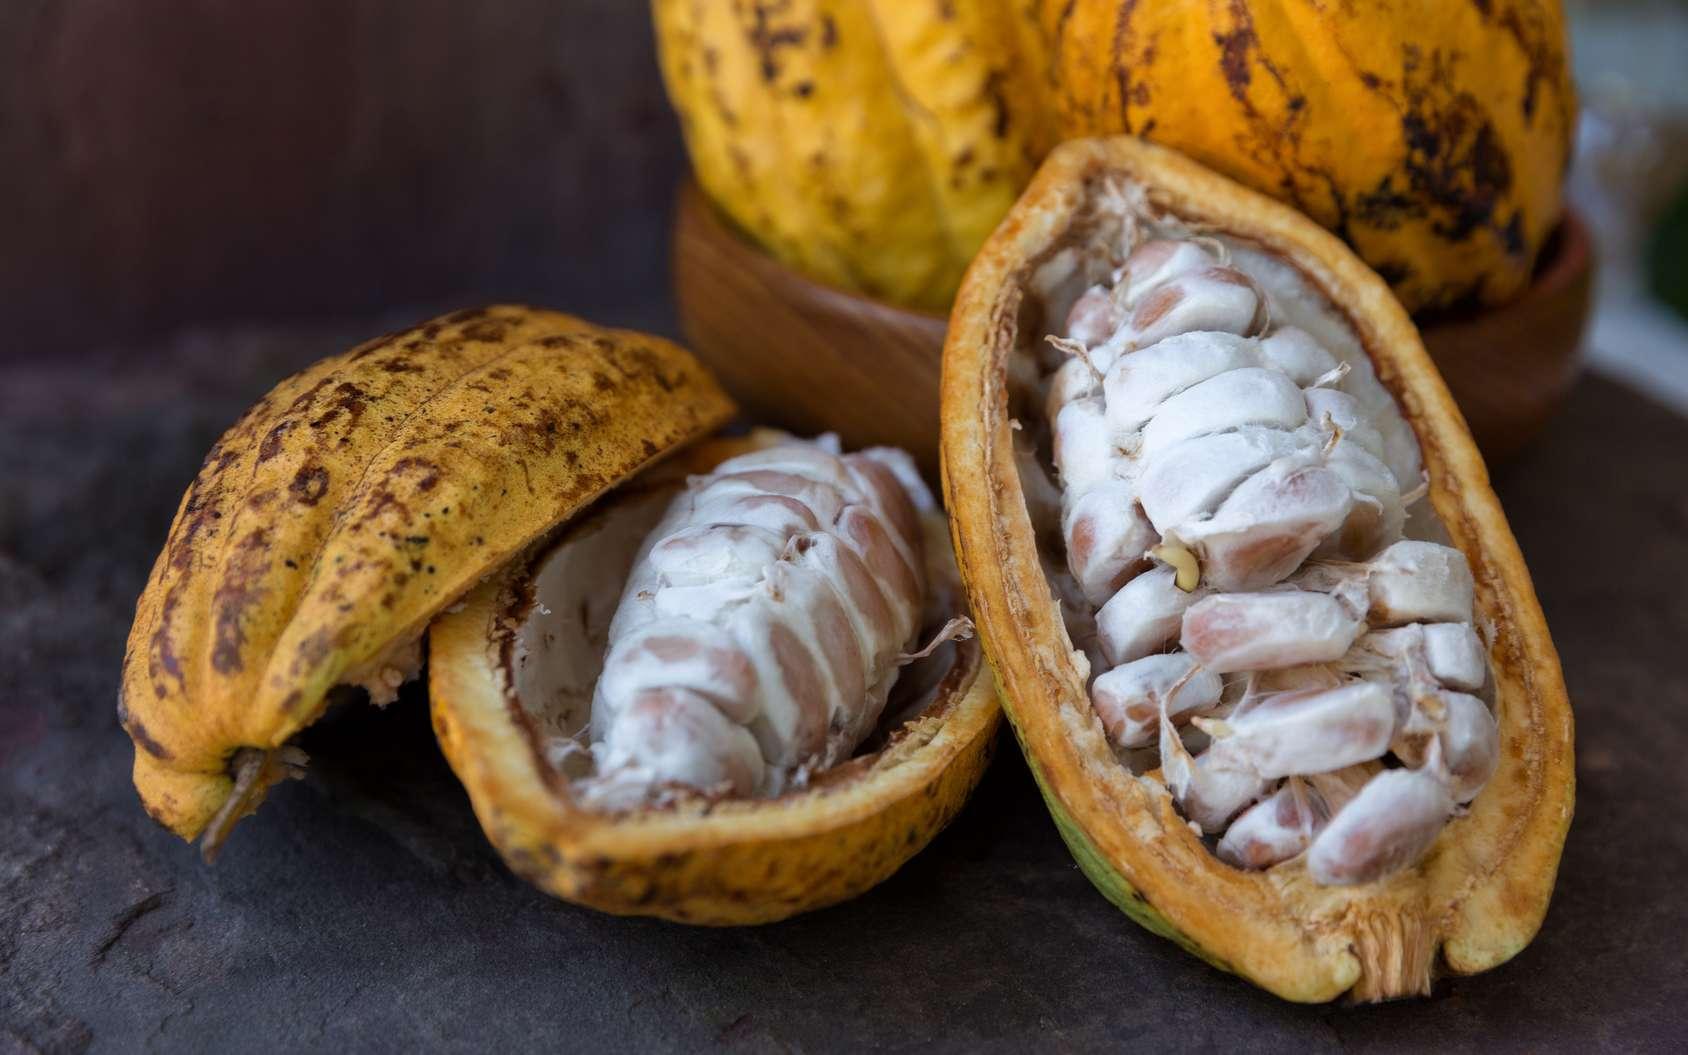 Des chercheurs sont remontés jusqu'aux origines du cacao en analysant le génome du plus rare cacaoyer du monde. Leur étude pourrait permettre d'améliorer le rendement et donc de produire plus de cacao. © kamonrat, Fotolia